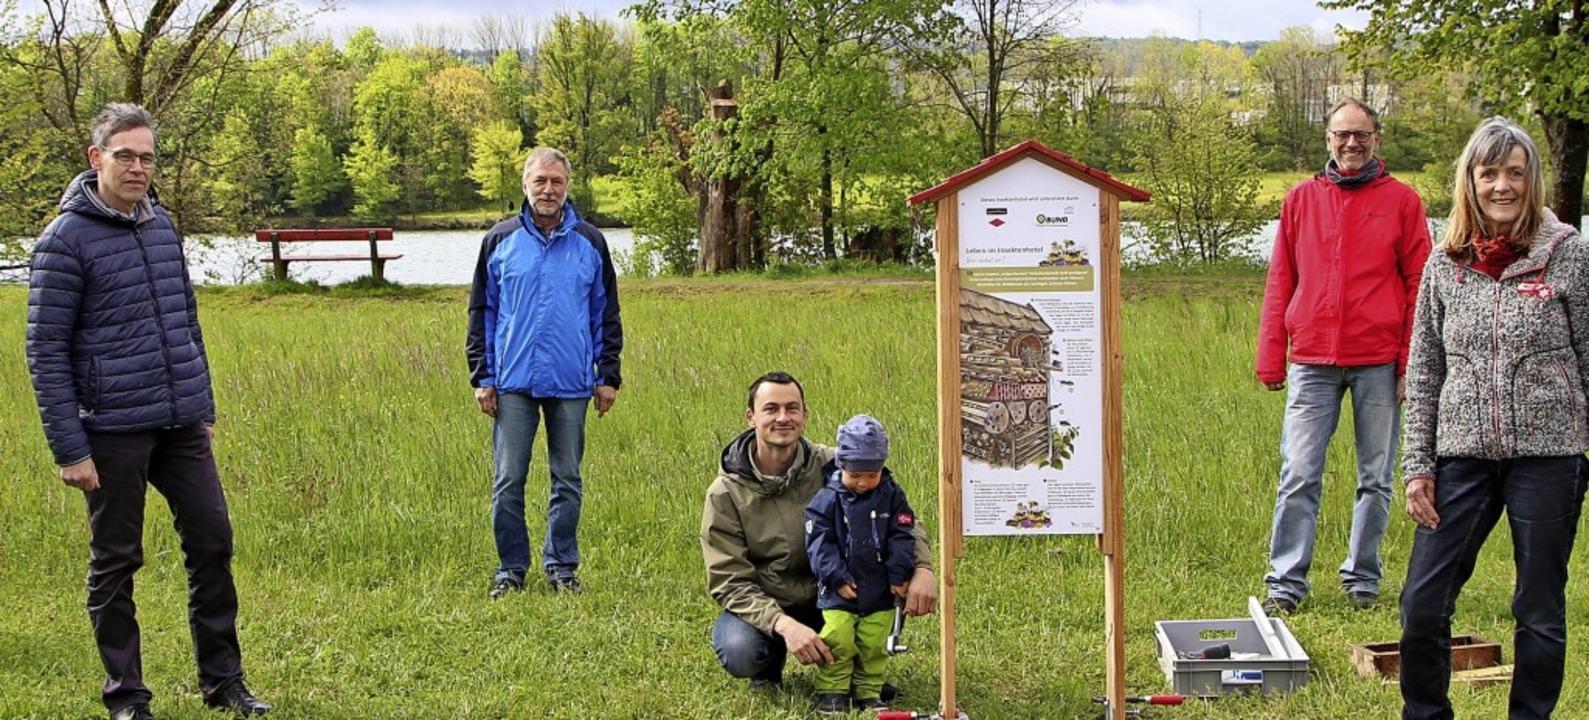 Freuen sich übers Insektenhotel: Umwel... Bär vom Schwarzwaldverein (von links)    Foto: Susanne Eschbach